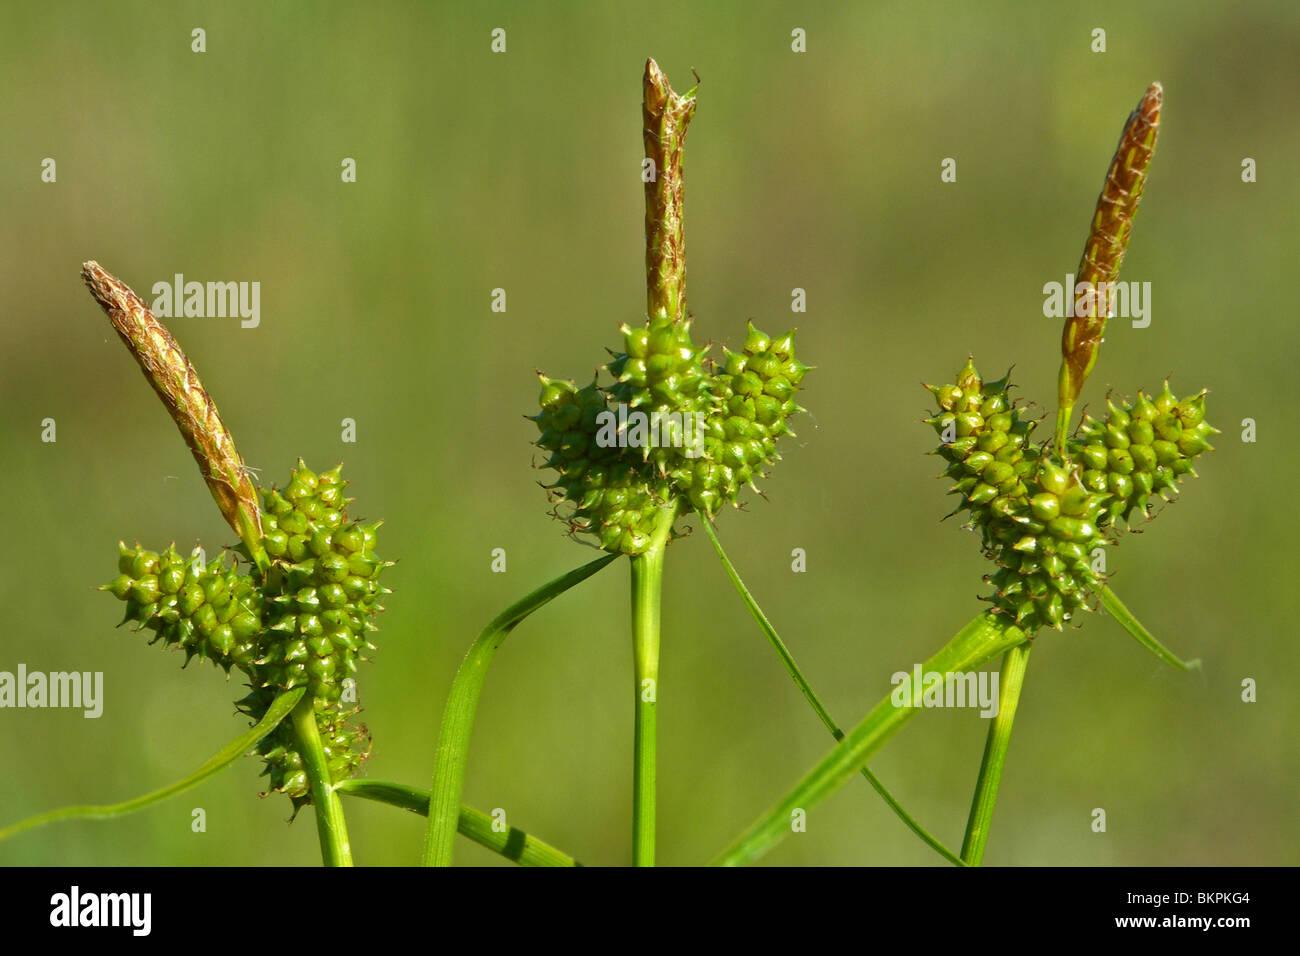 3 bloeiwijzen; het topaartje is mannelijk, de aartjes daaronder zijn vrouwelijk - Stock Image